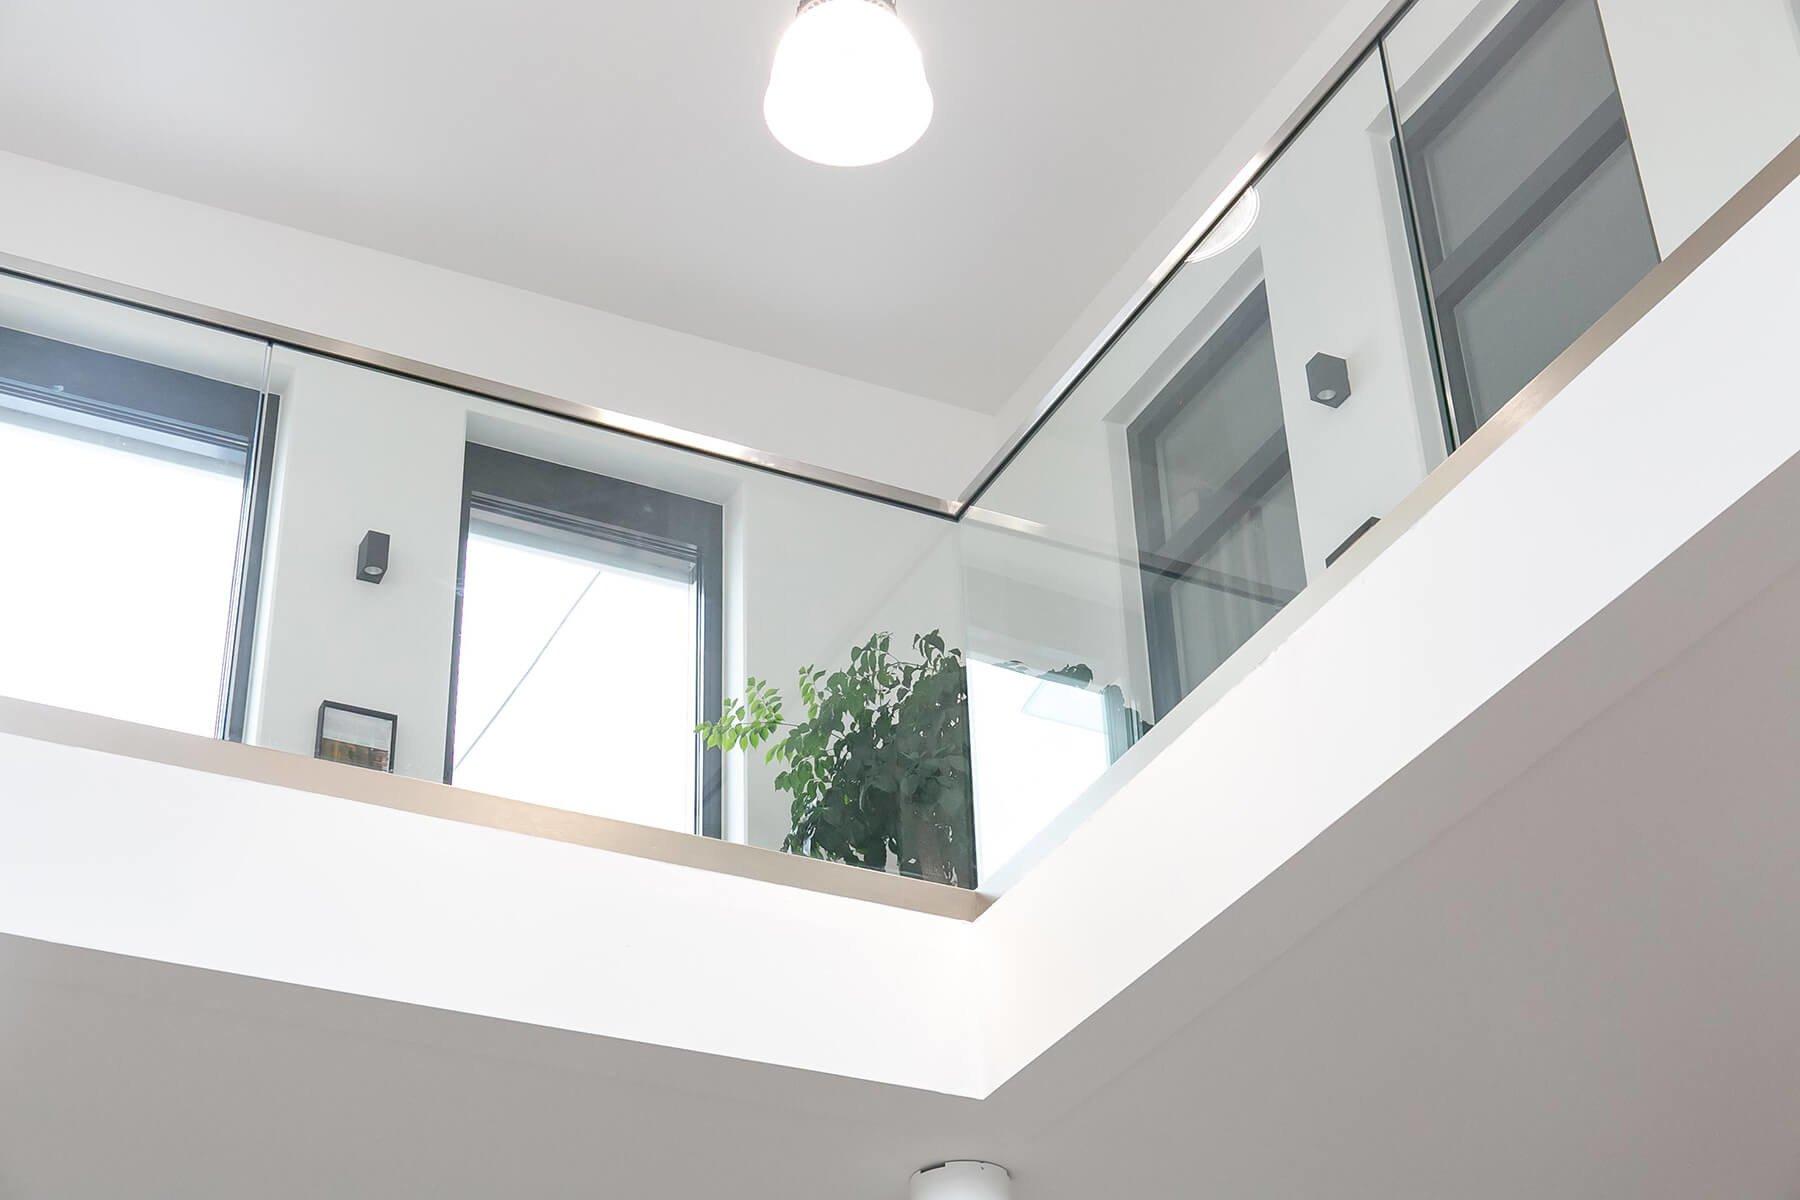 Glasbrüstungssystem DELGADO als Absturzsicherung aus Glas im Innenbereich moderne und elegante Optik ideal für Büros Hotels Restaurants